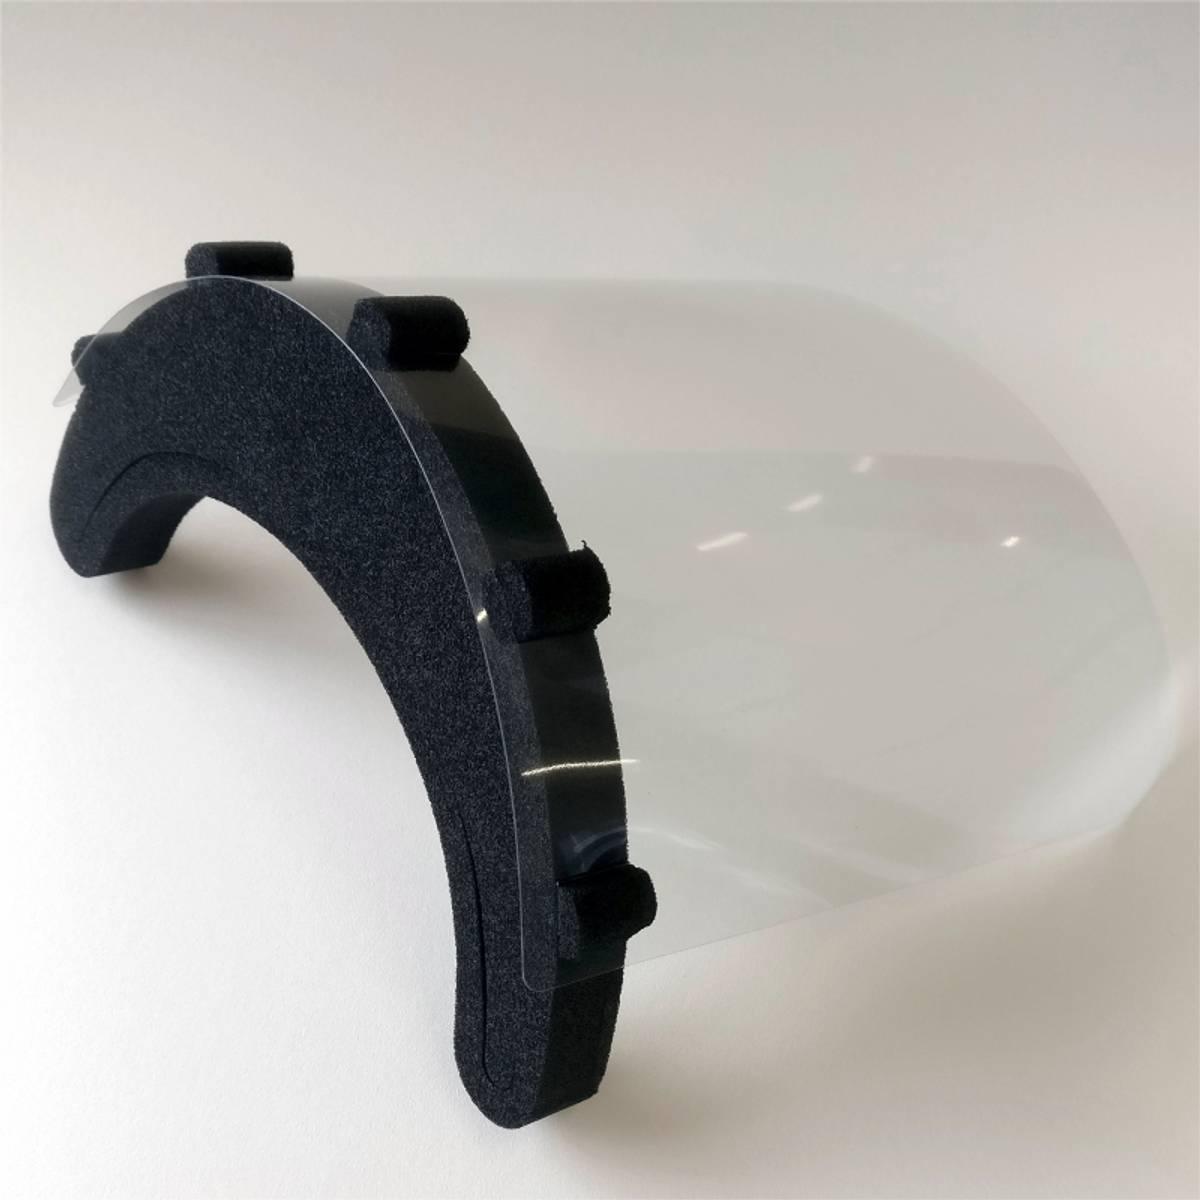 BeVis - Beskyttelsesvisir komplett 299x225 flatpakket